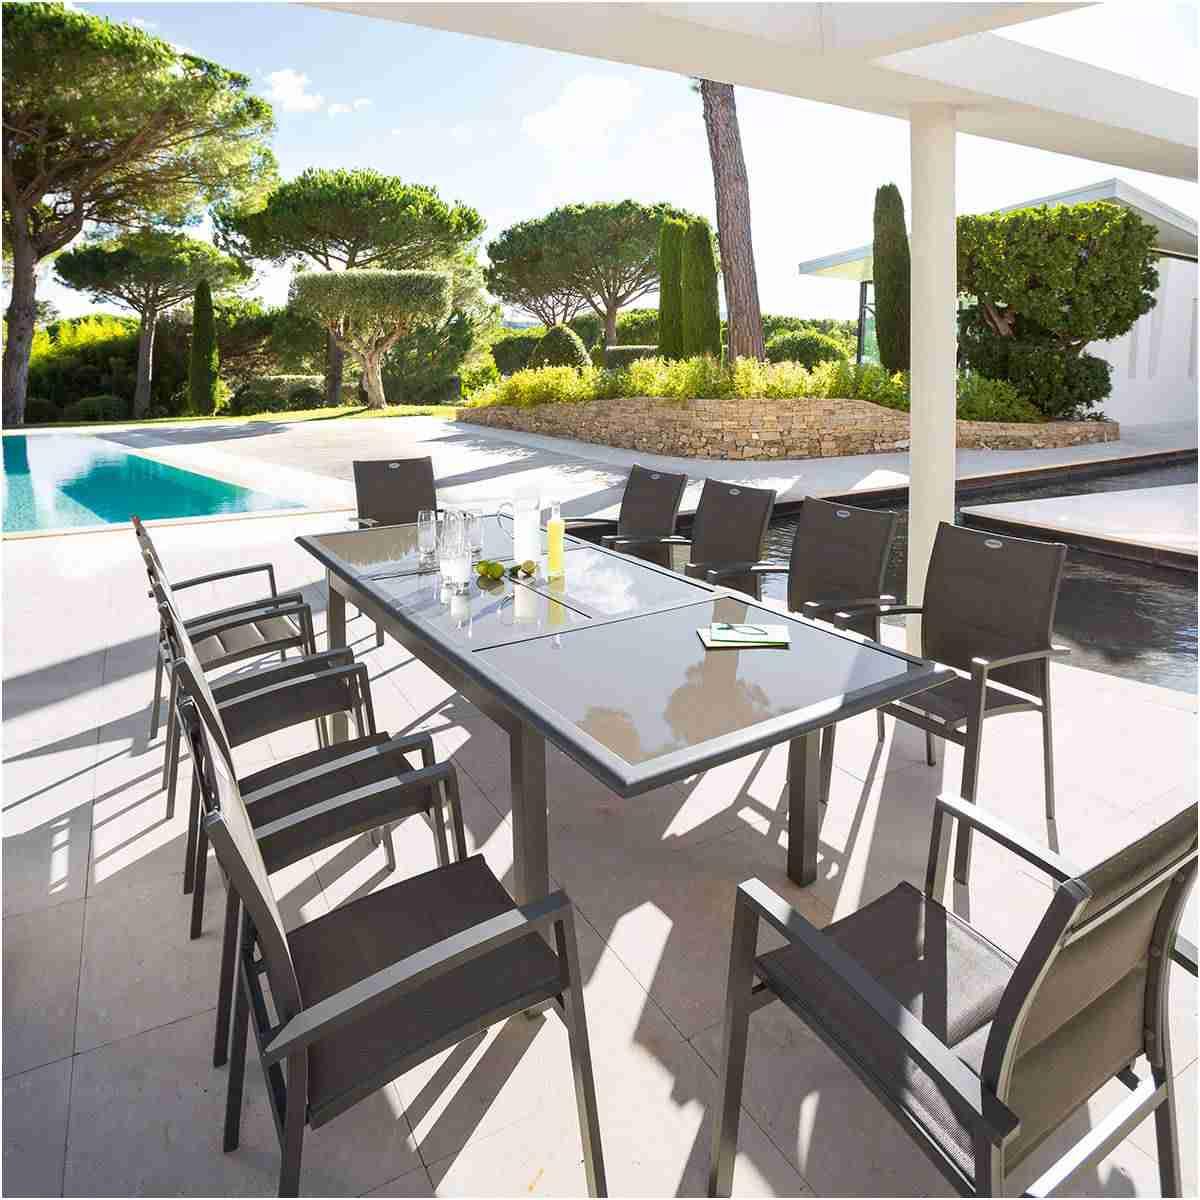 table de jardin hesperide genial table de jardin extensible azua taupe and mastic hesperide de table de jardin hesperide